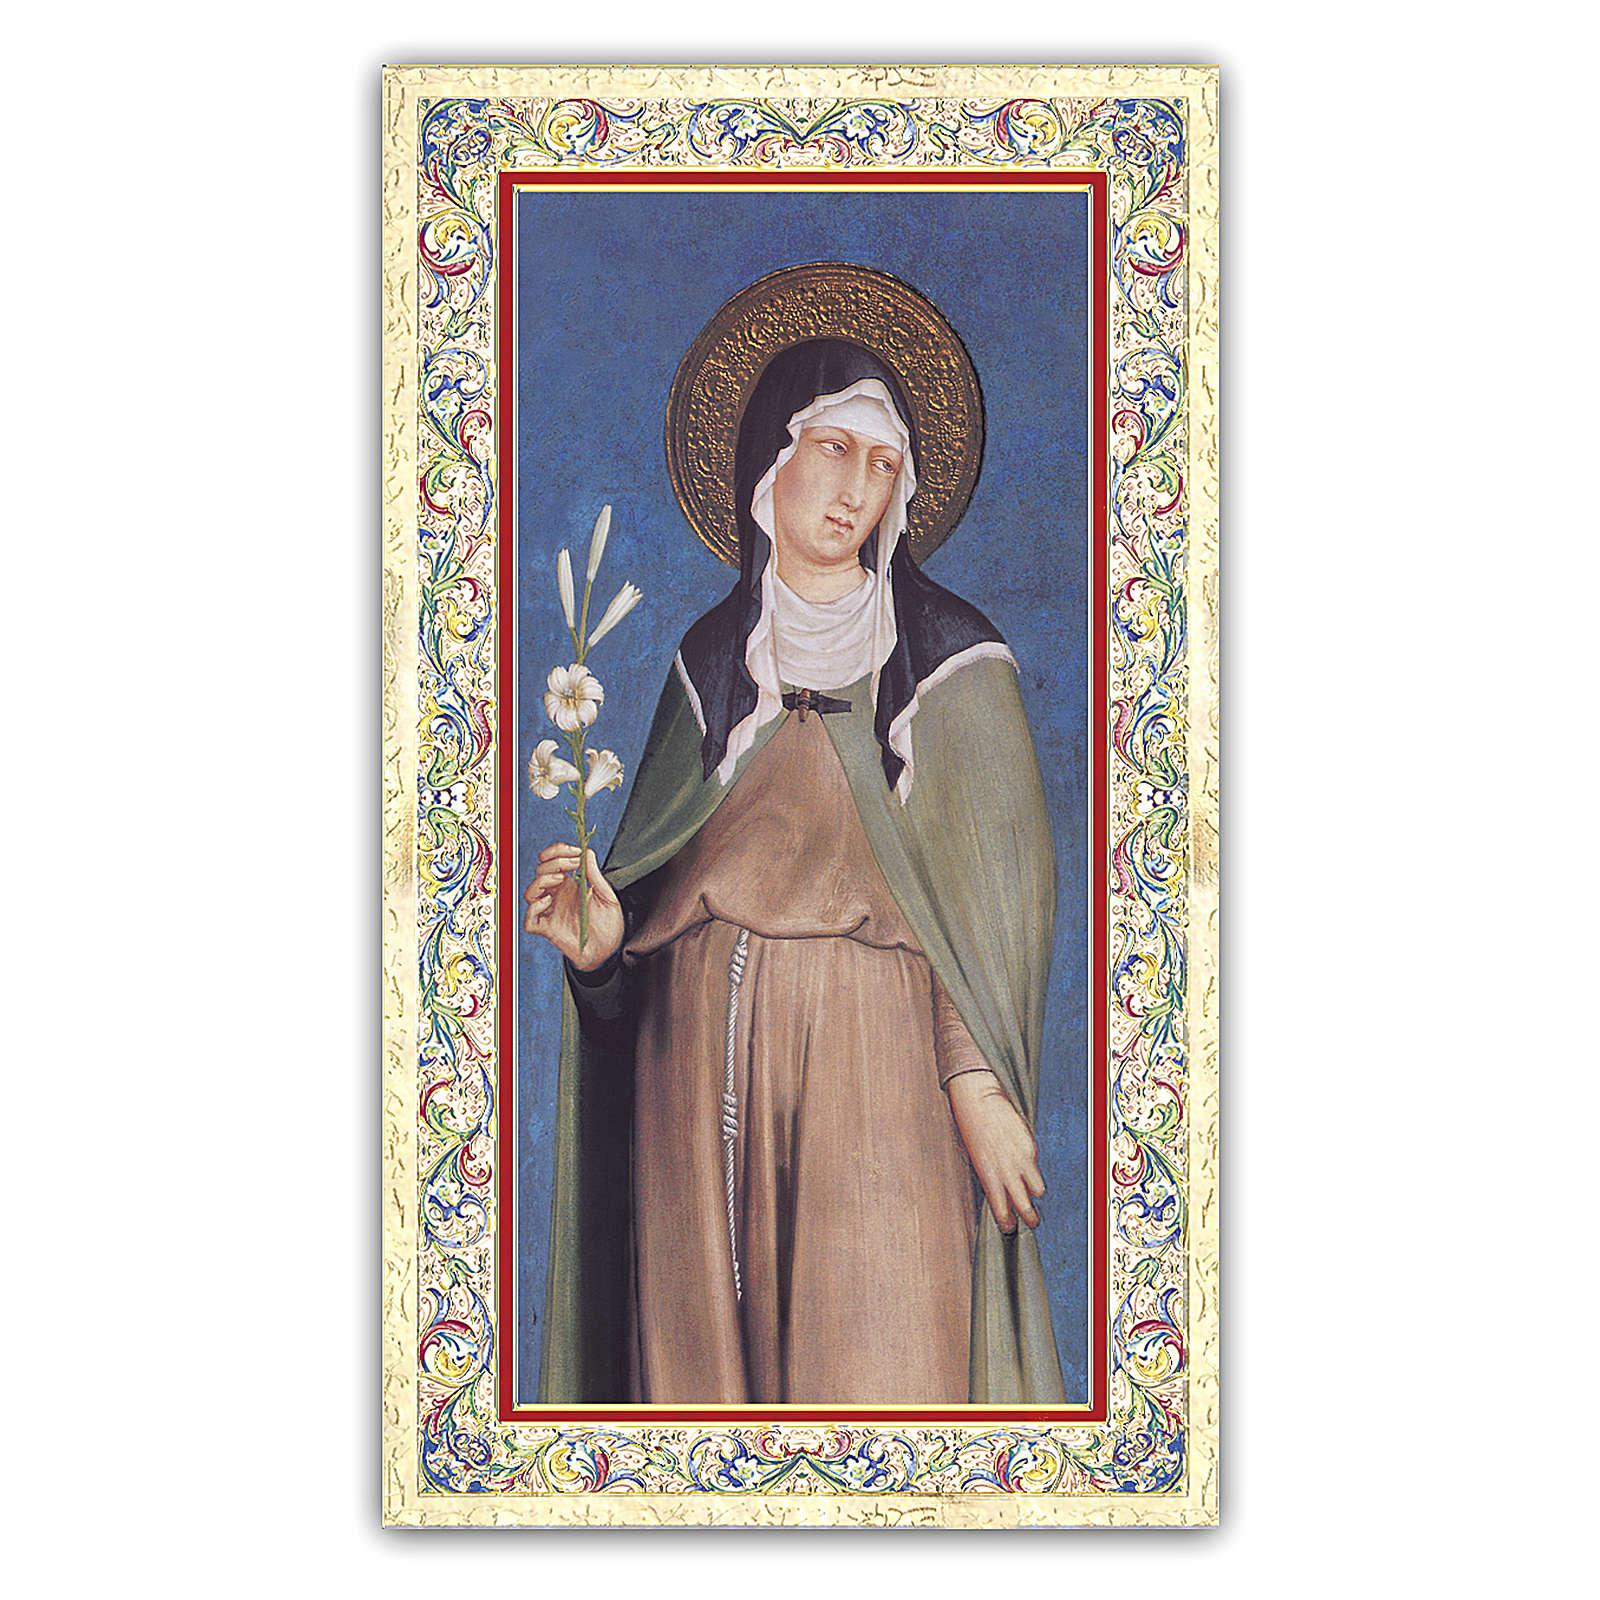 Estampa religiosa Santa Clara 10x5 cm ITA 4